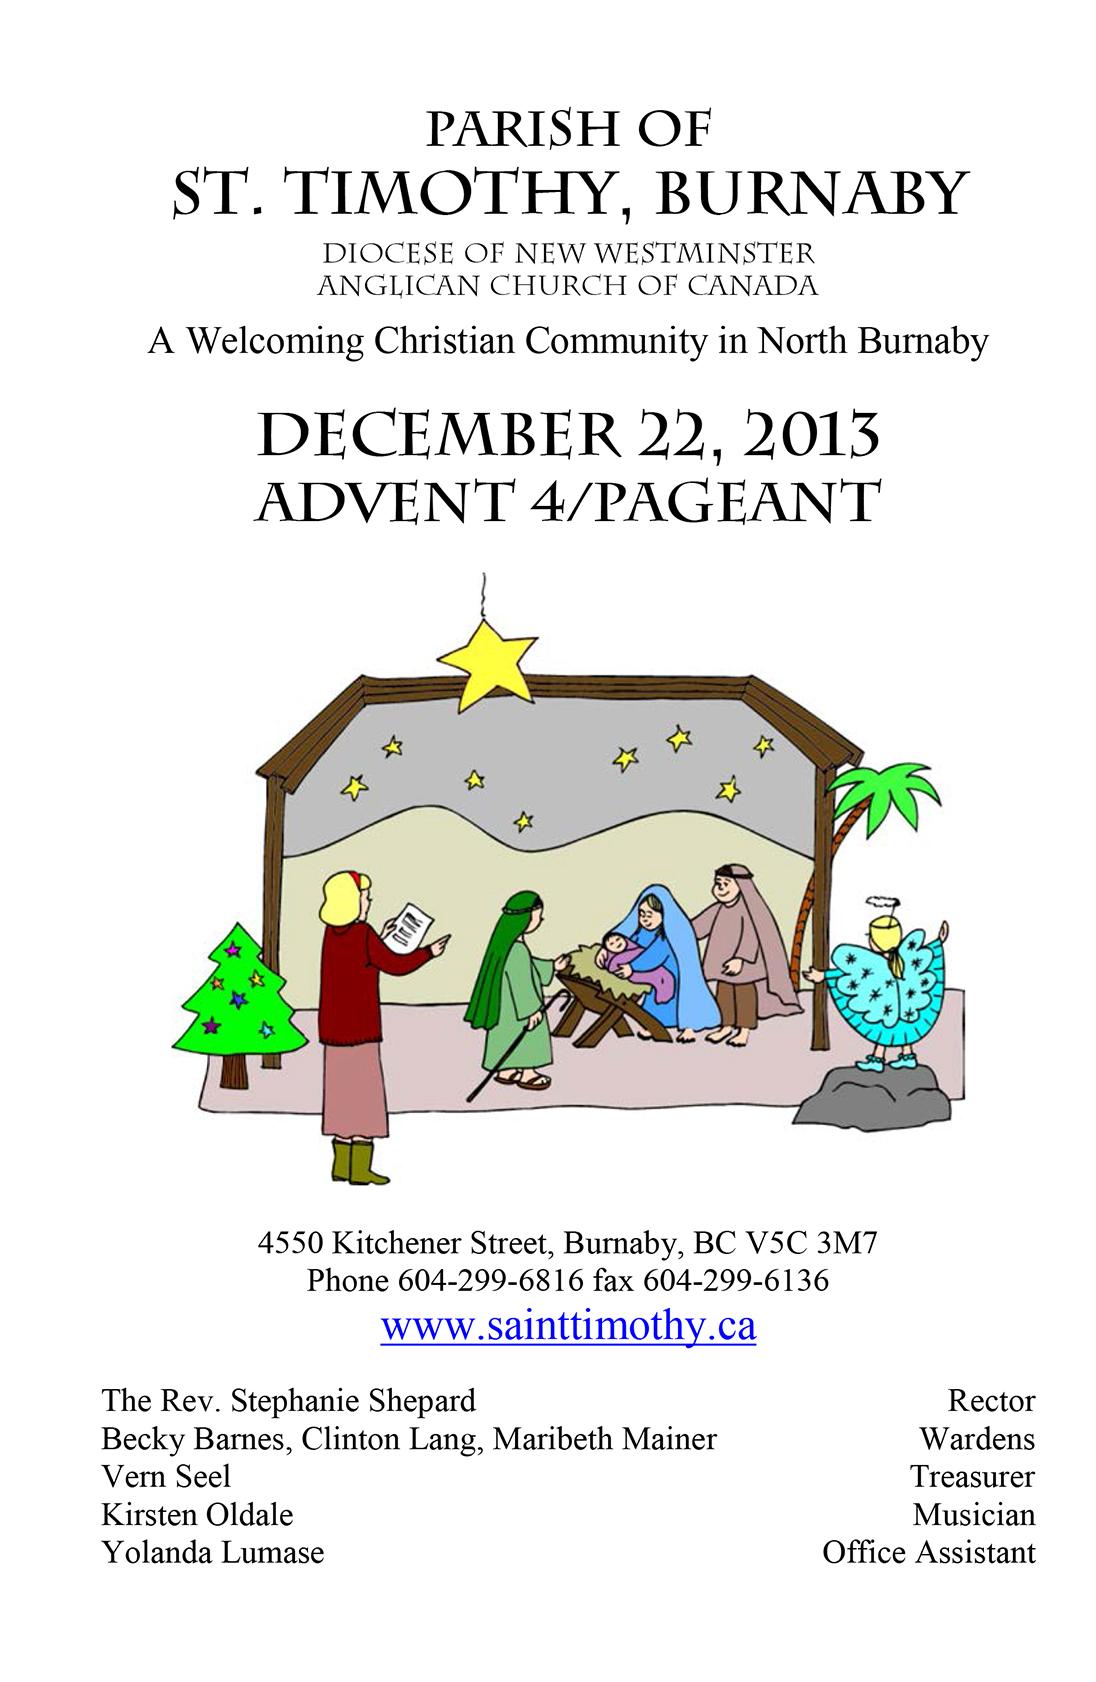 Bulletin: December 22, 2013